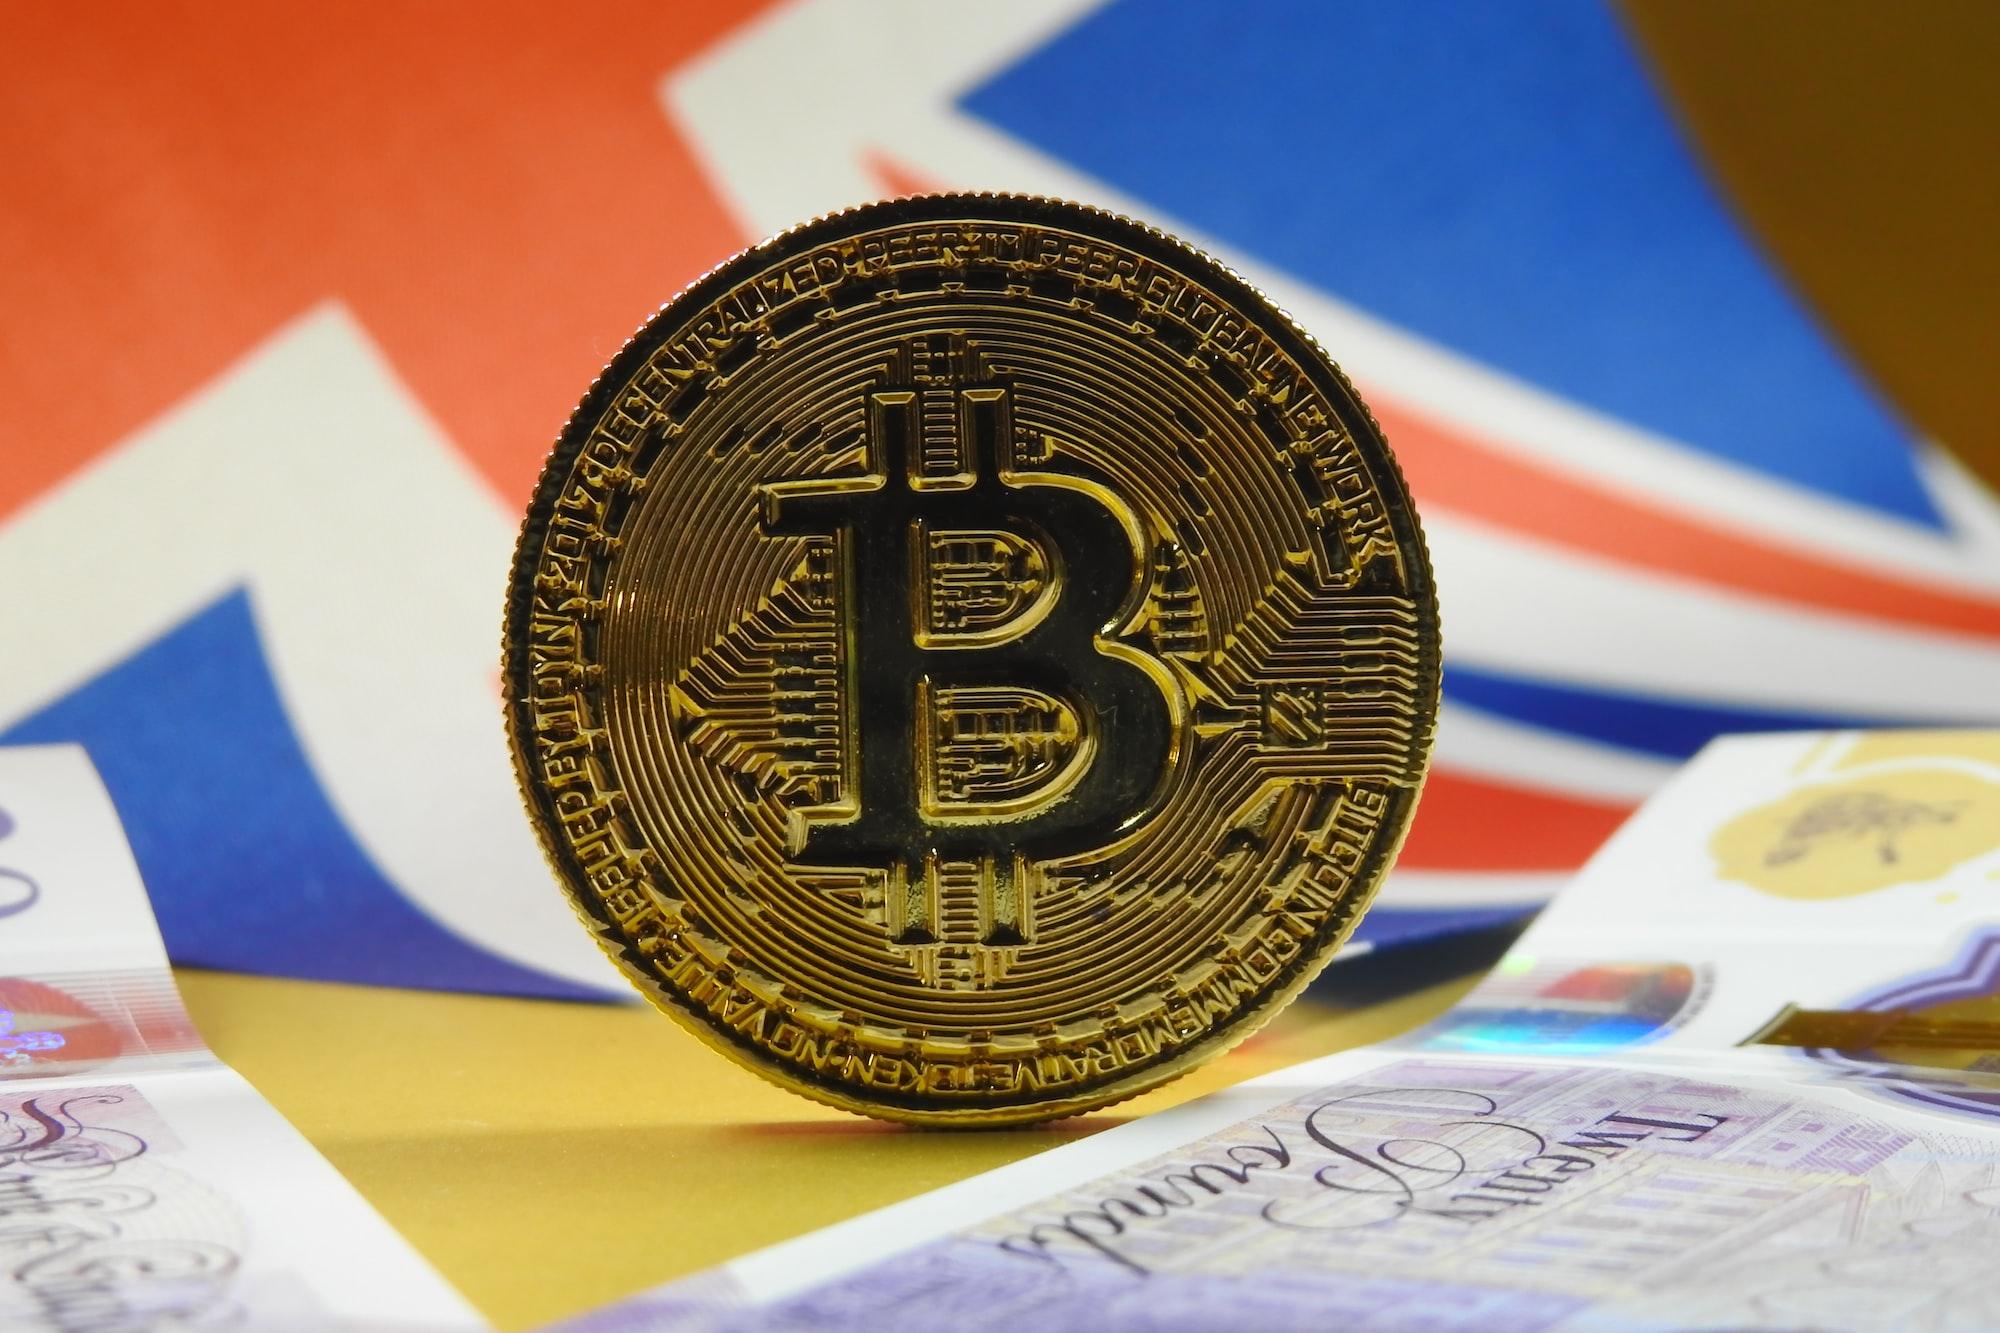 ขั้นตอนง่าย ๆ ในการเริ่มต้นซื้อ Bitcoin